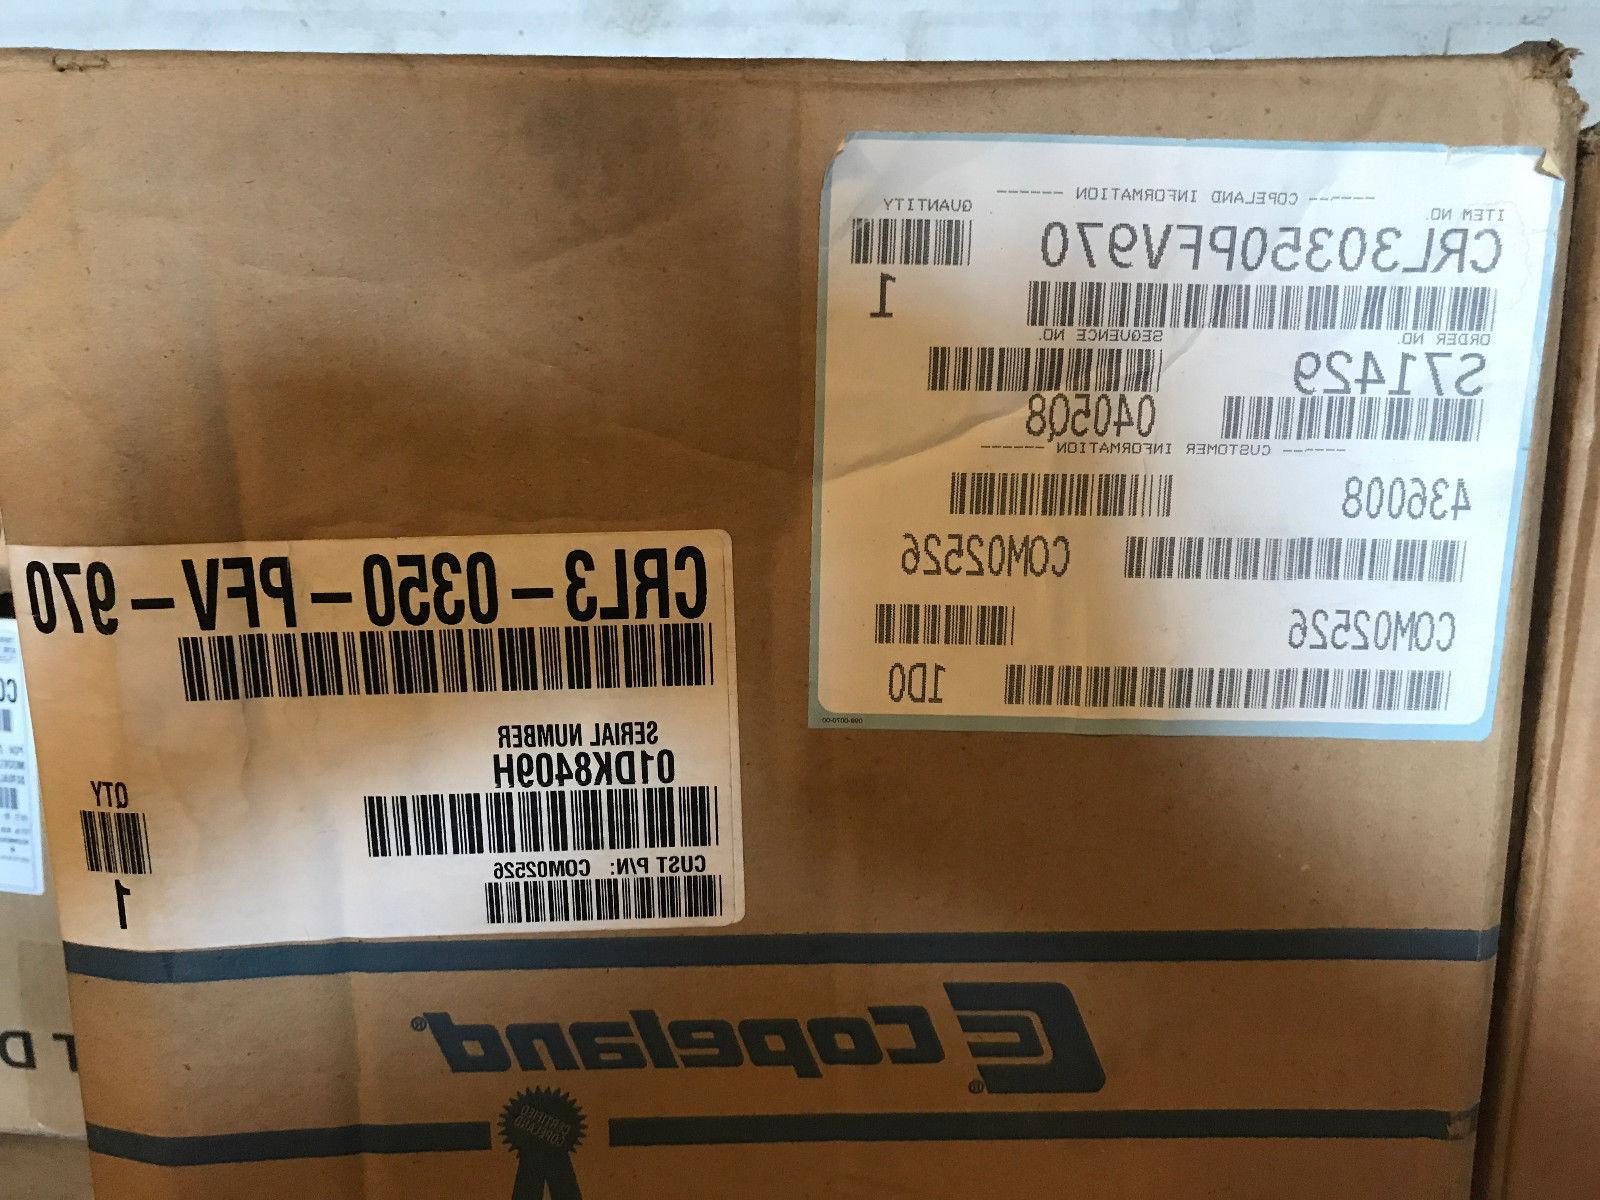 3.5 TON,  R-22, Trane COM02526  Compressor, 200-230V, 1 PH,